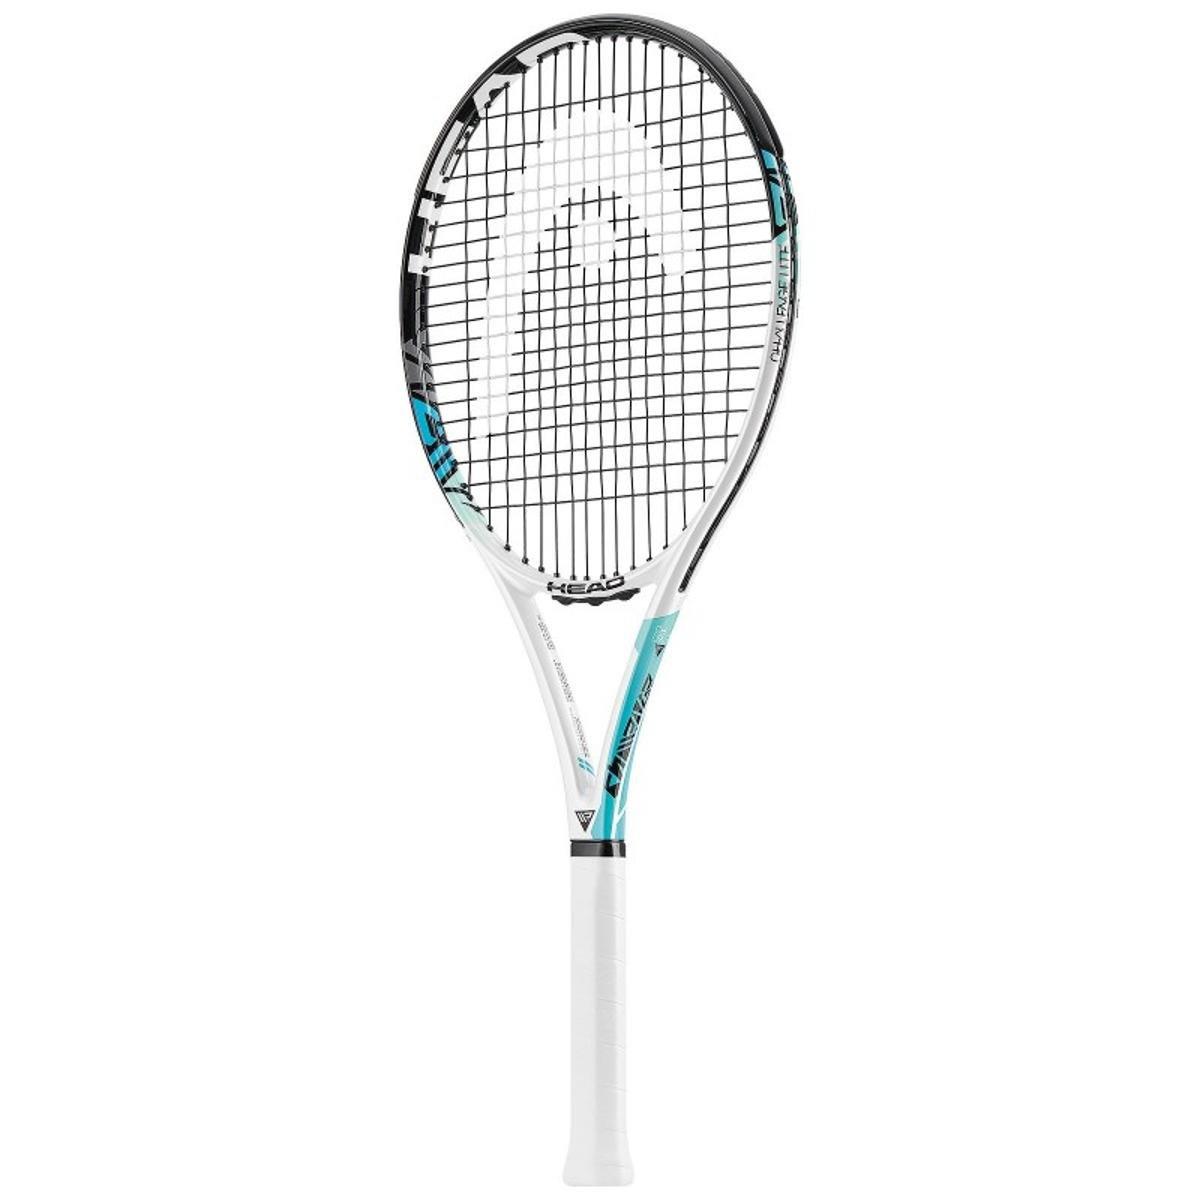 Raquete de tênis Head para iniciantes